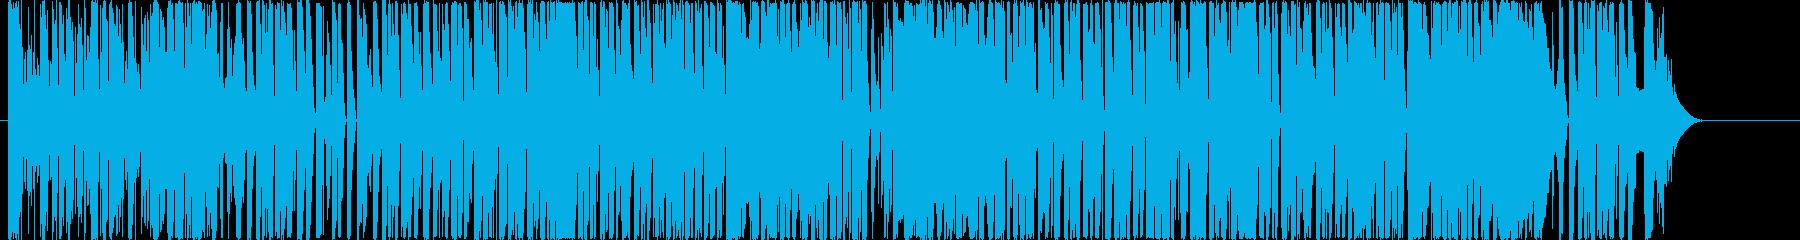 馬鹿っぽいHIPHOP ボイパ有りの再生済みの波形